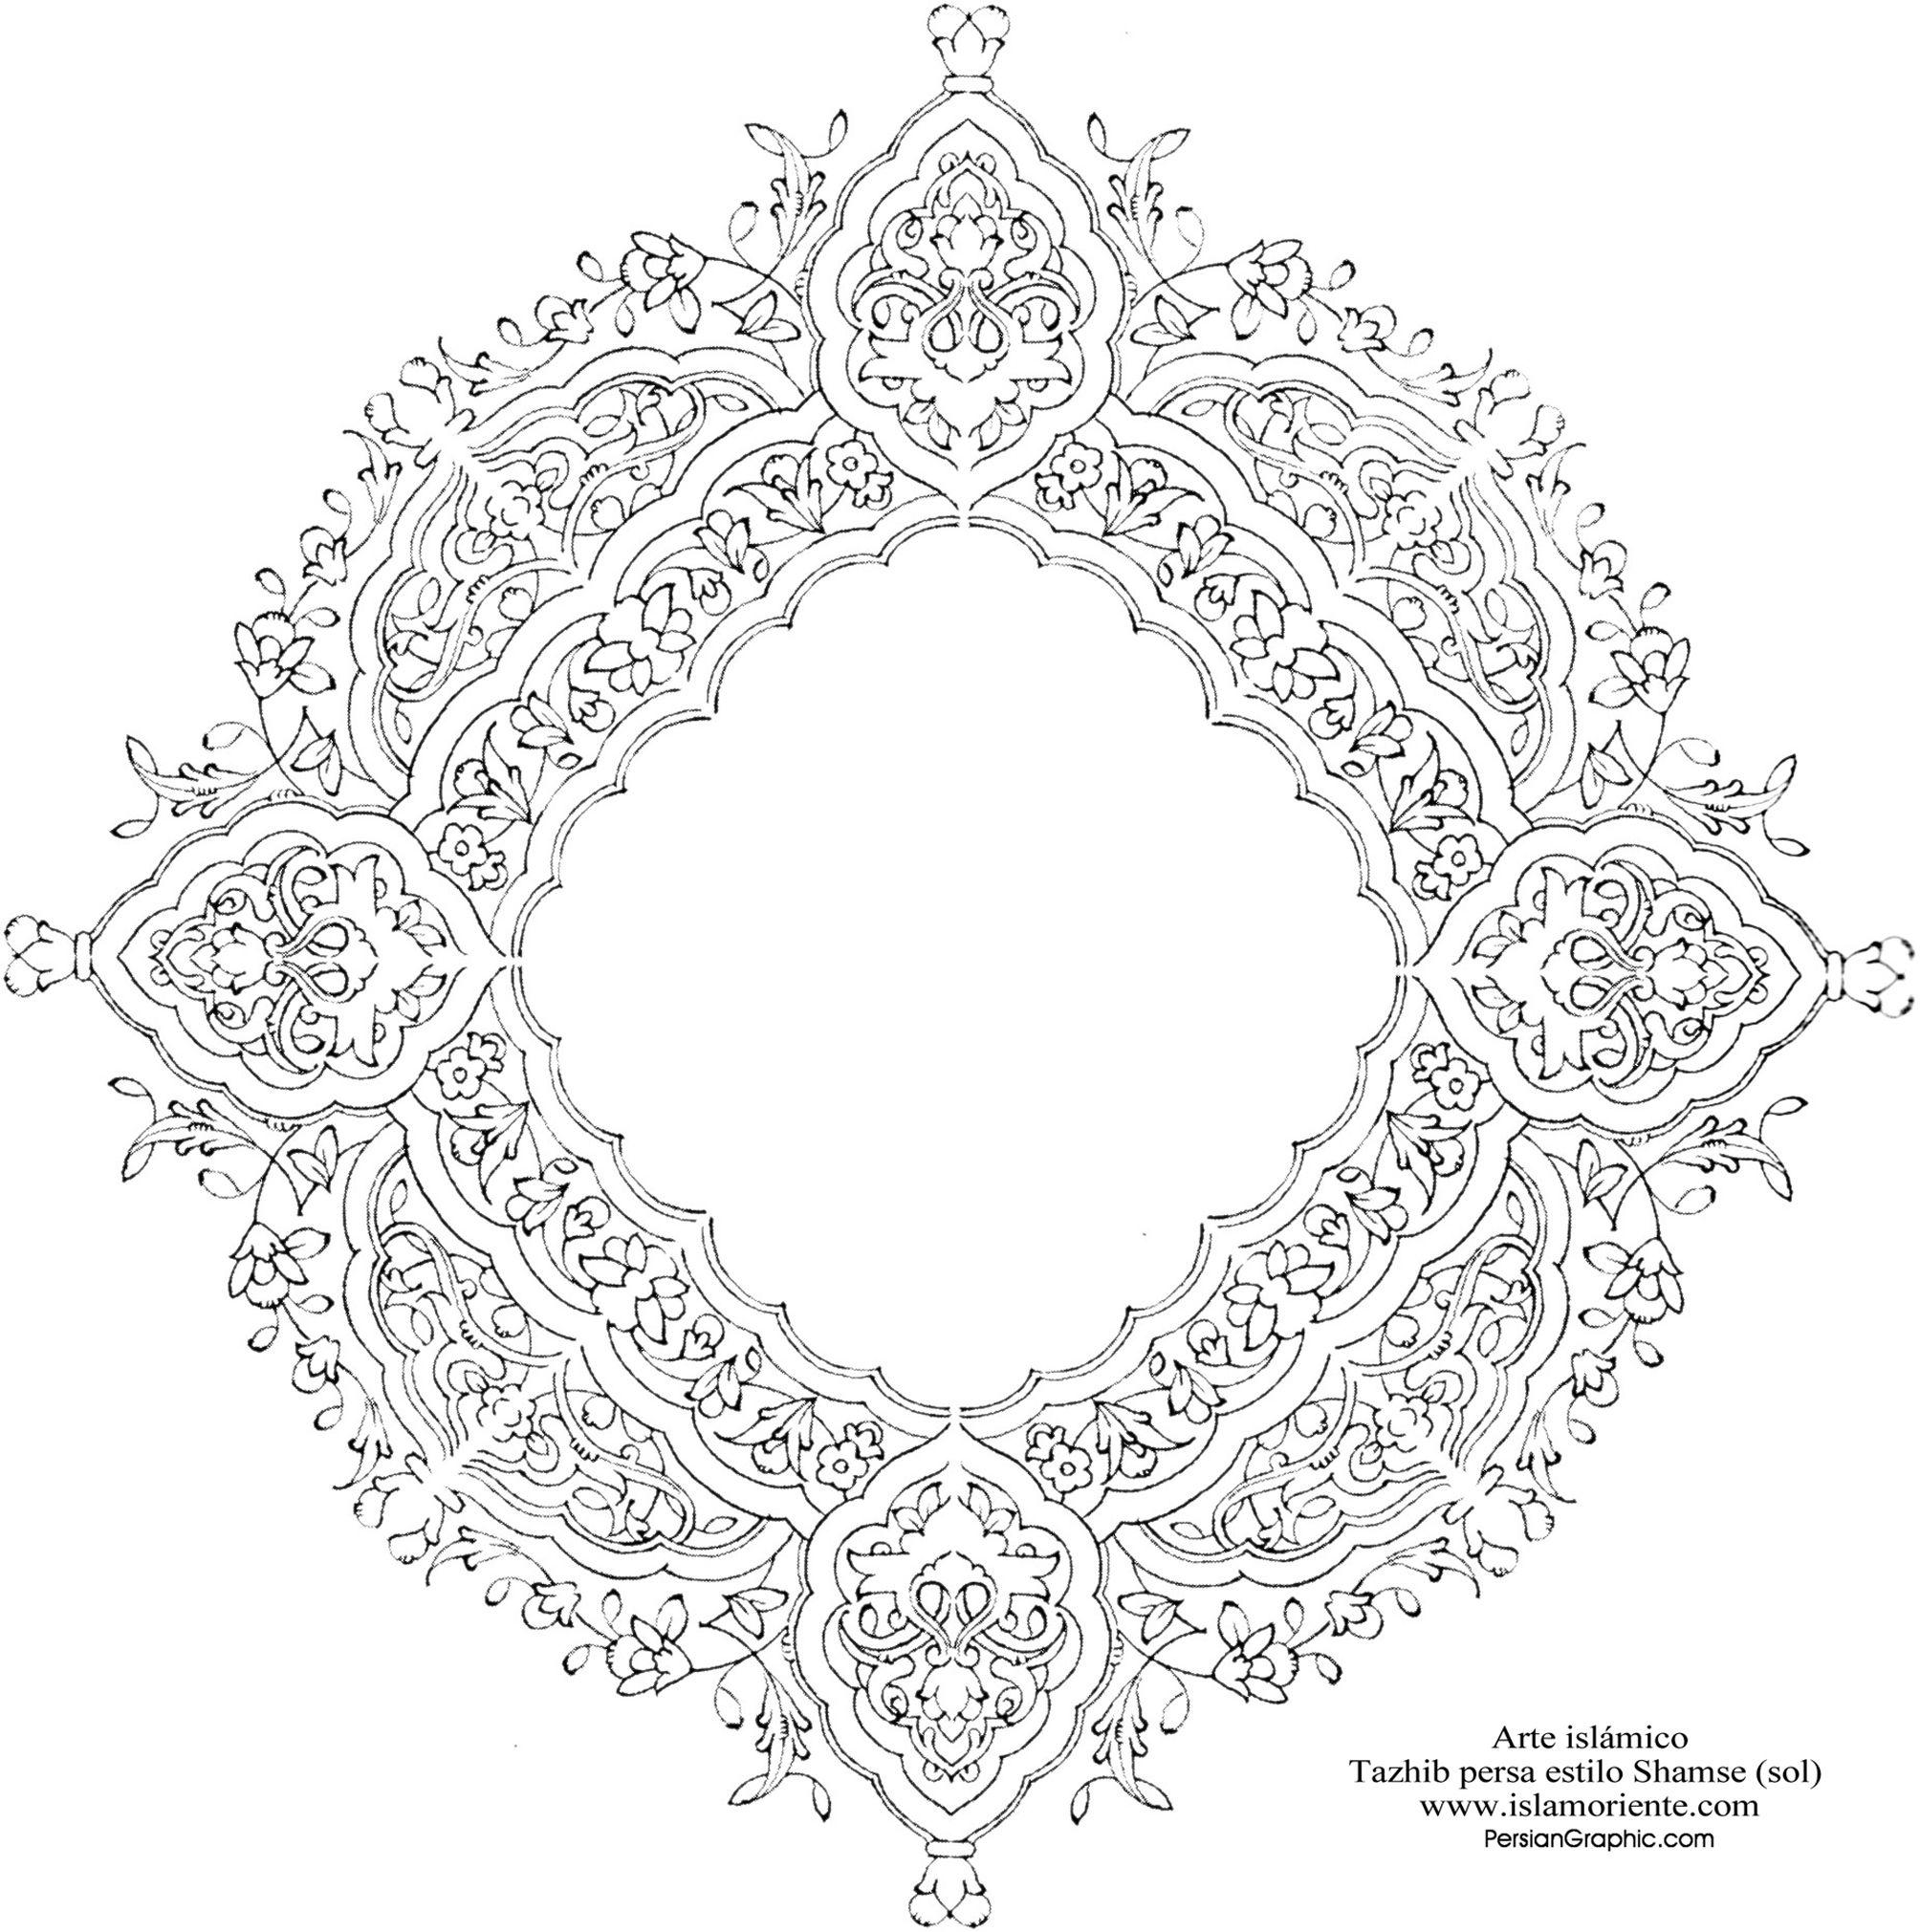 Arte islámico- Tazhib persa estilo shamse (sol) - 28   Galería de Arte Islámi...